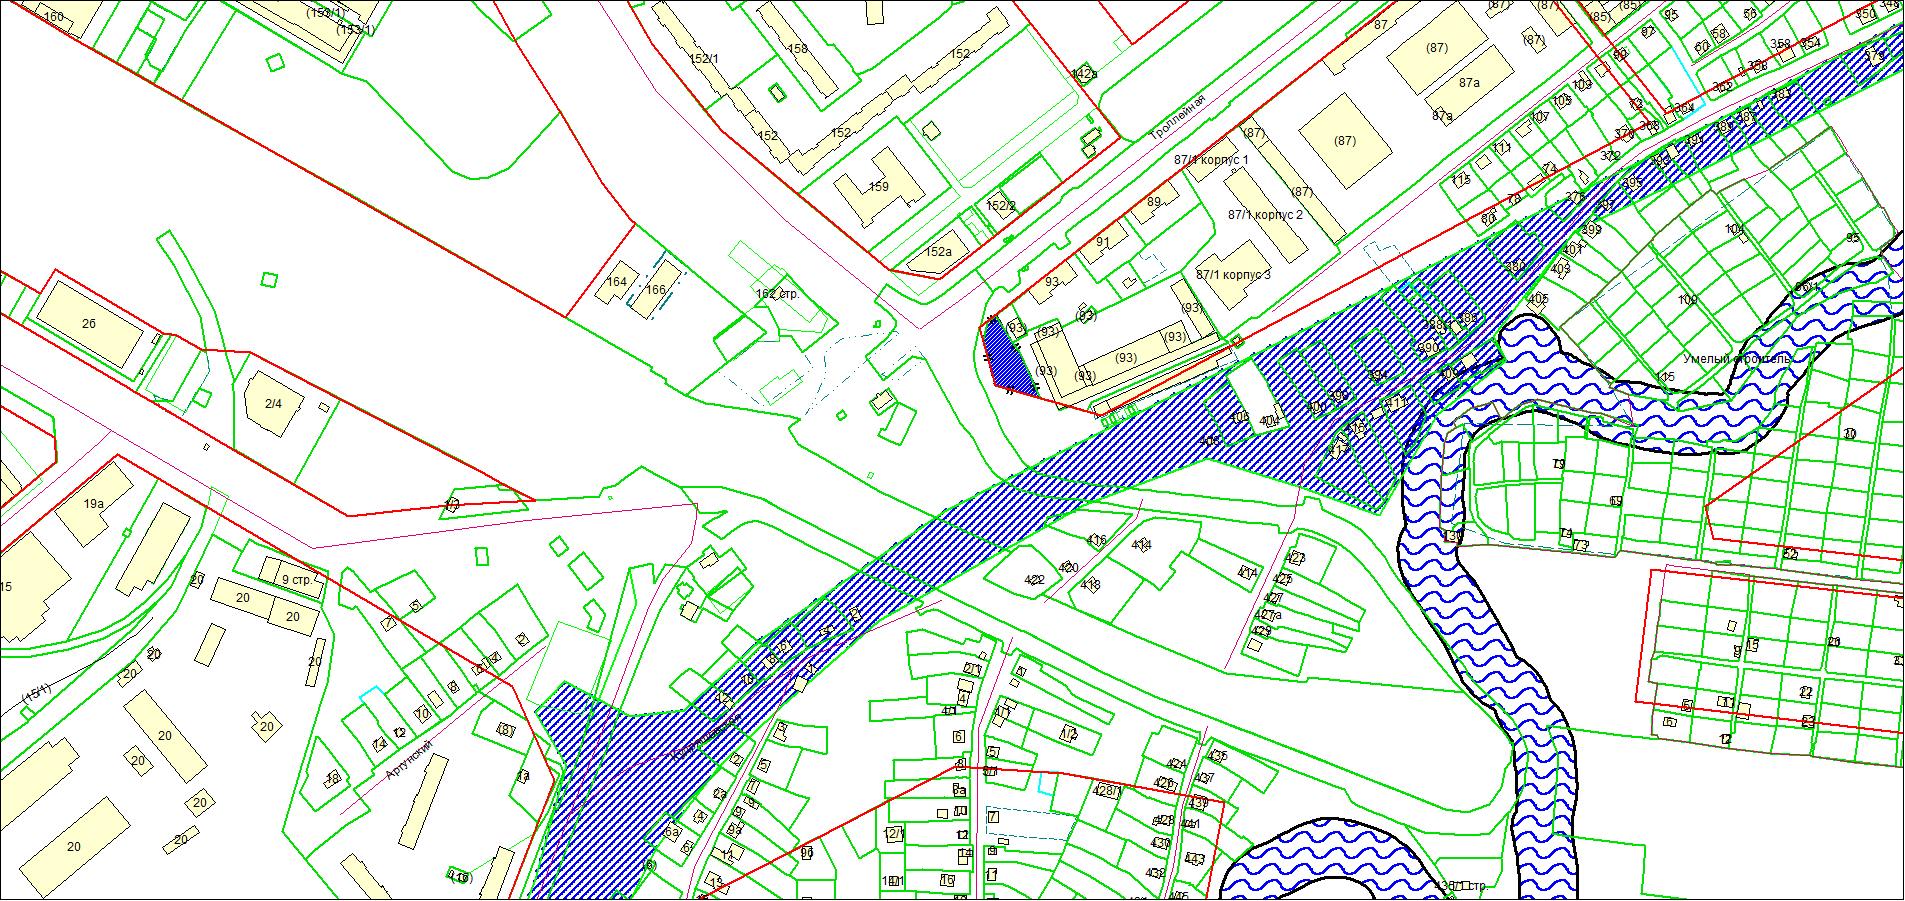 Схема расположения земельного участка площадью 1430 кв. м по адресу: ул. Троллейная, з/у 93/1, Ленинский район